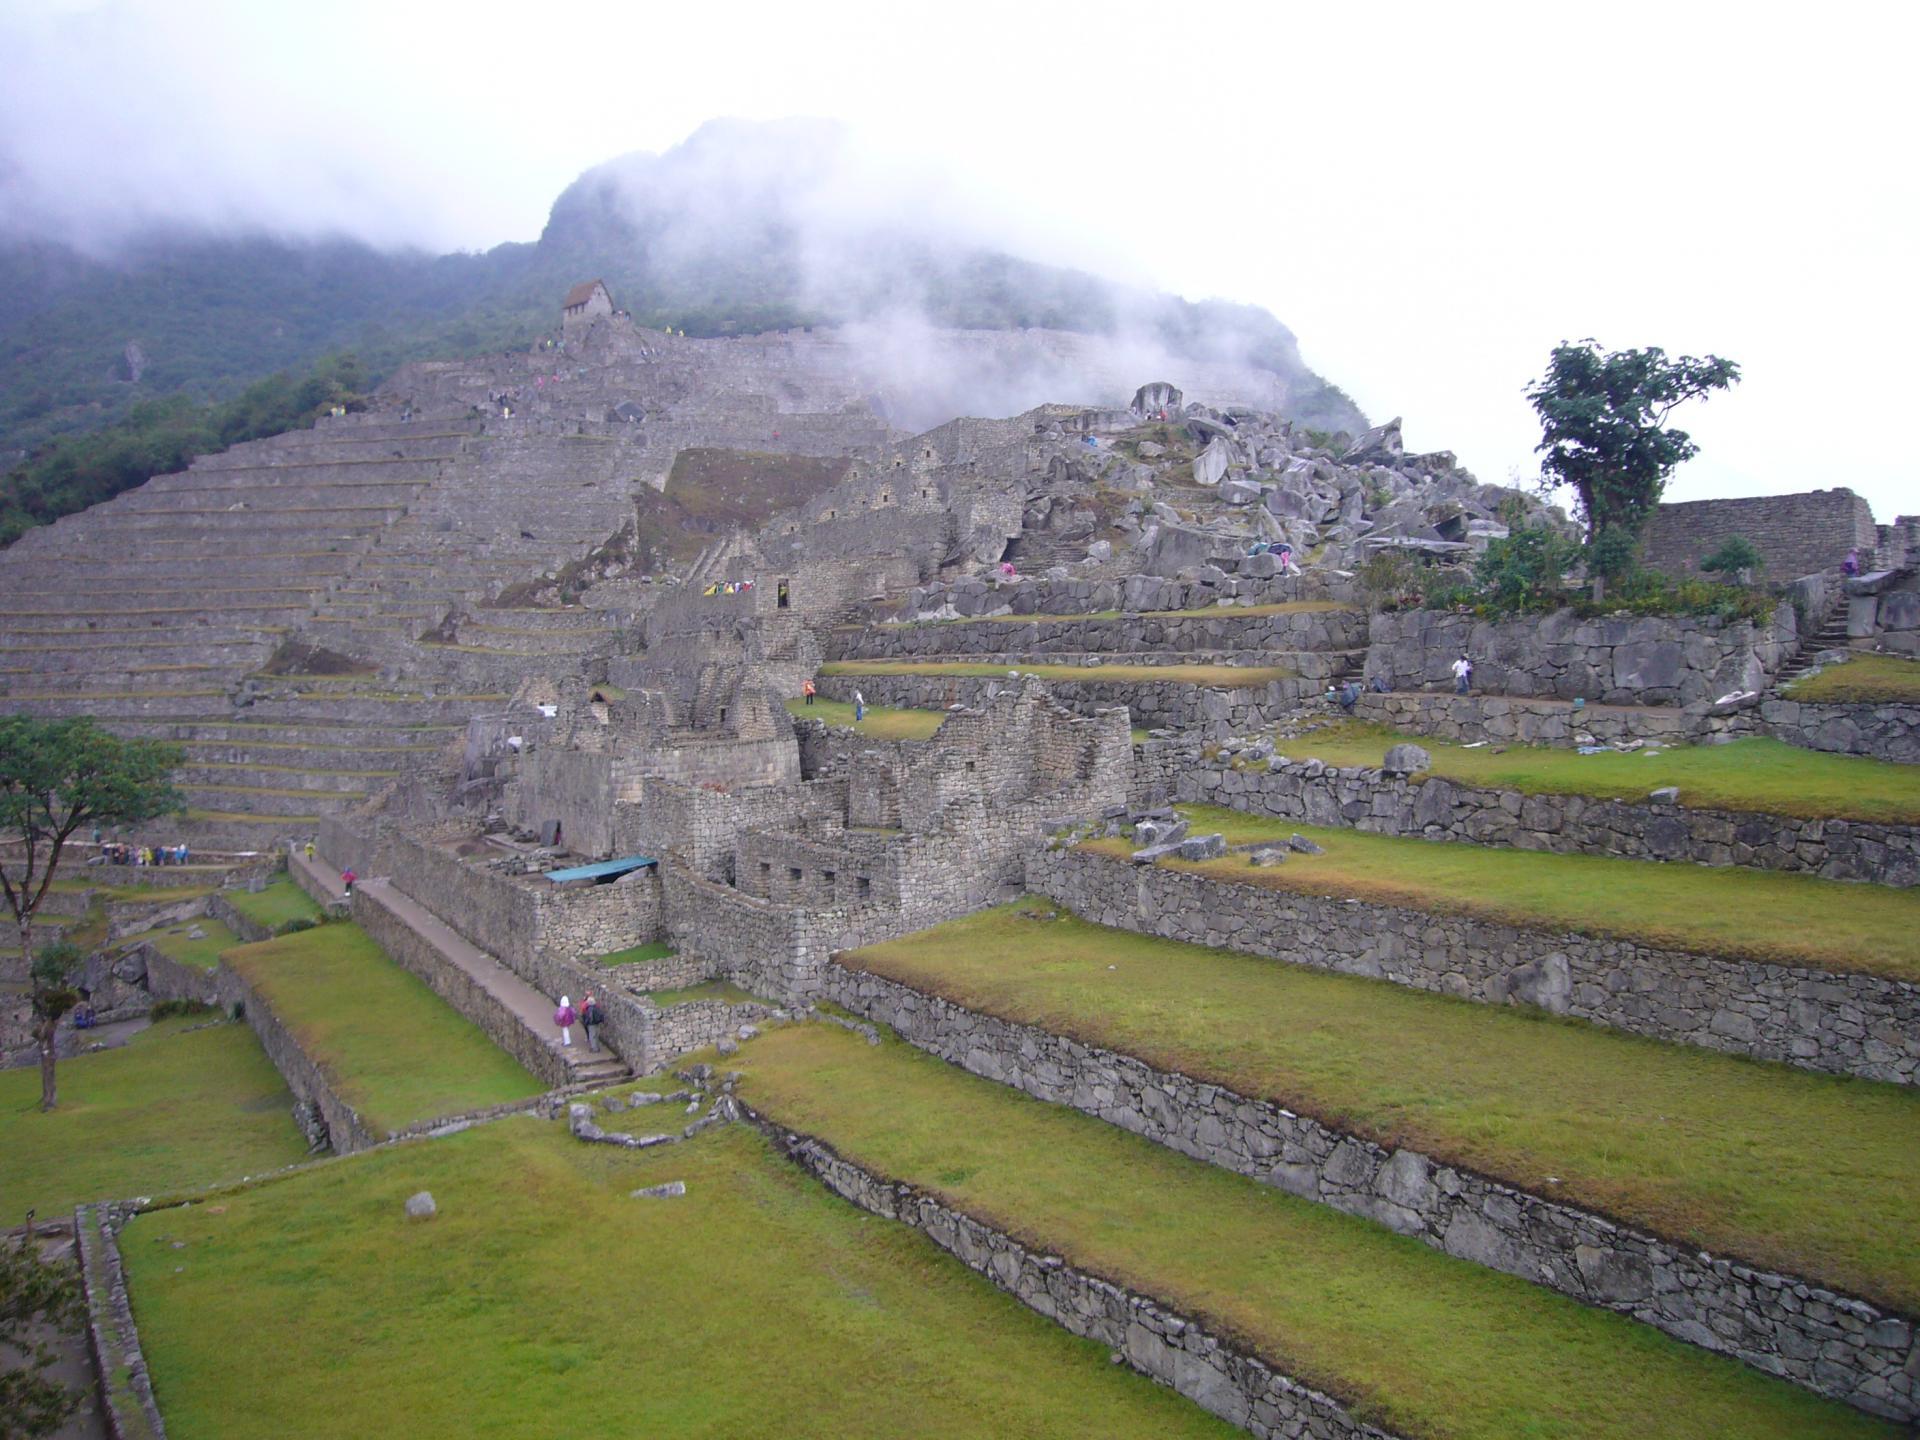 Erleben Sie Machu Picchu hautnah auf einer unvergesslichen Peru Rundreise